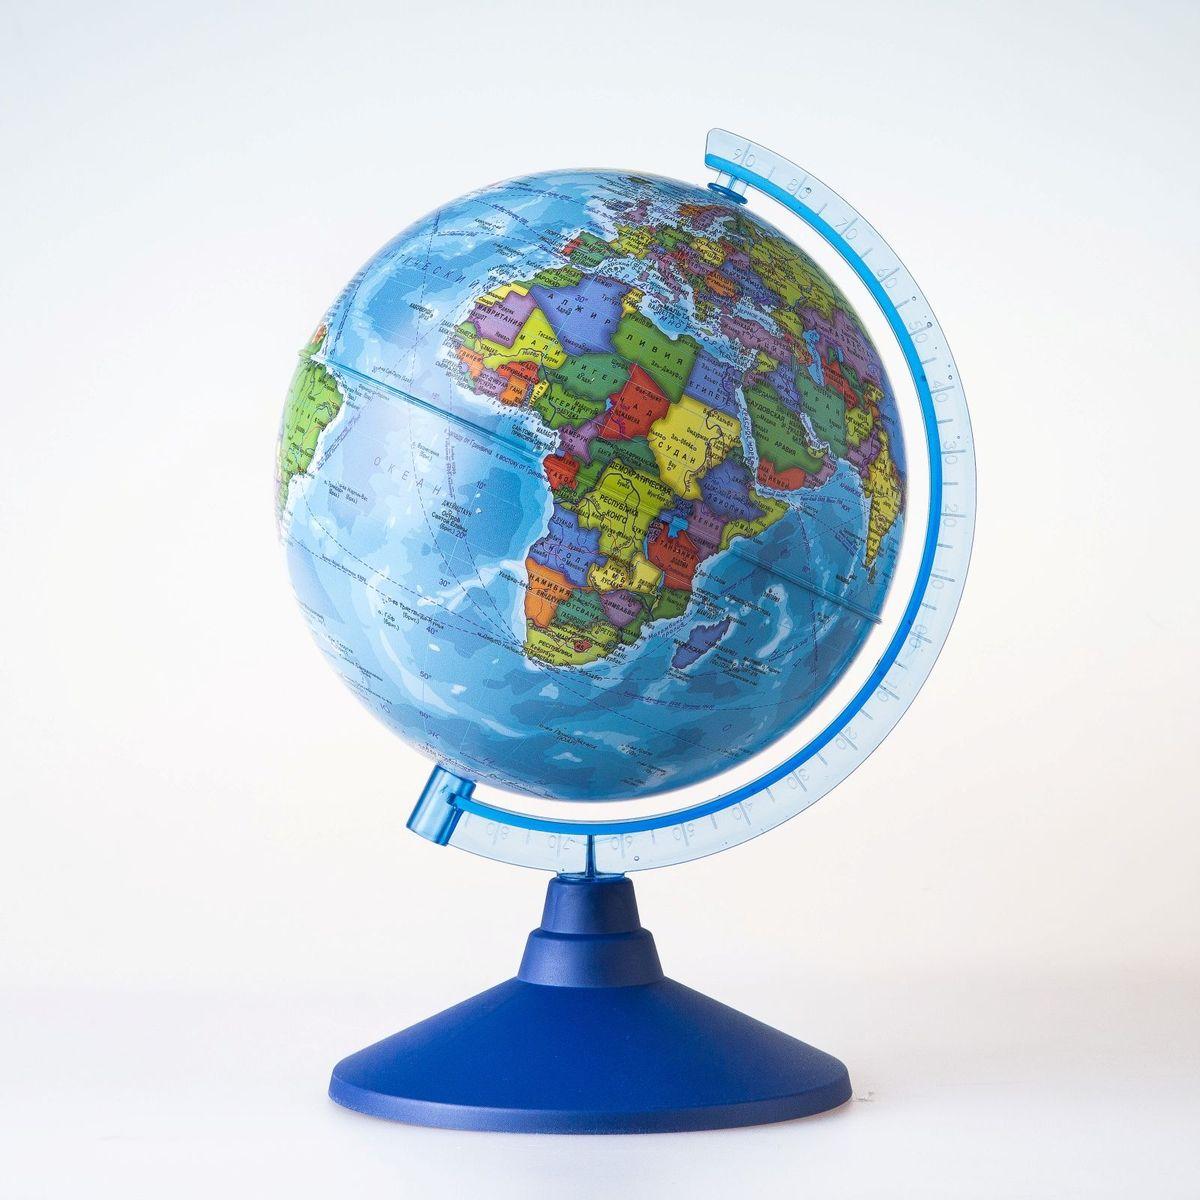 Глобен Глобус политический Классик Евро диаметр 15 см -  Канцтовары и организация рабочего места